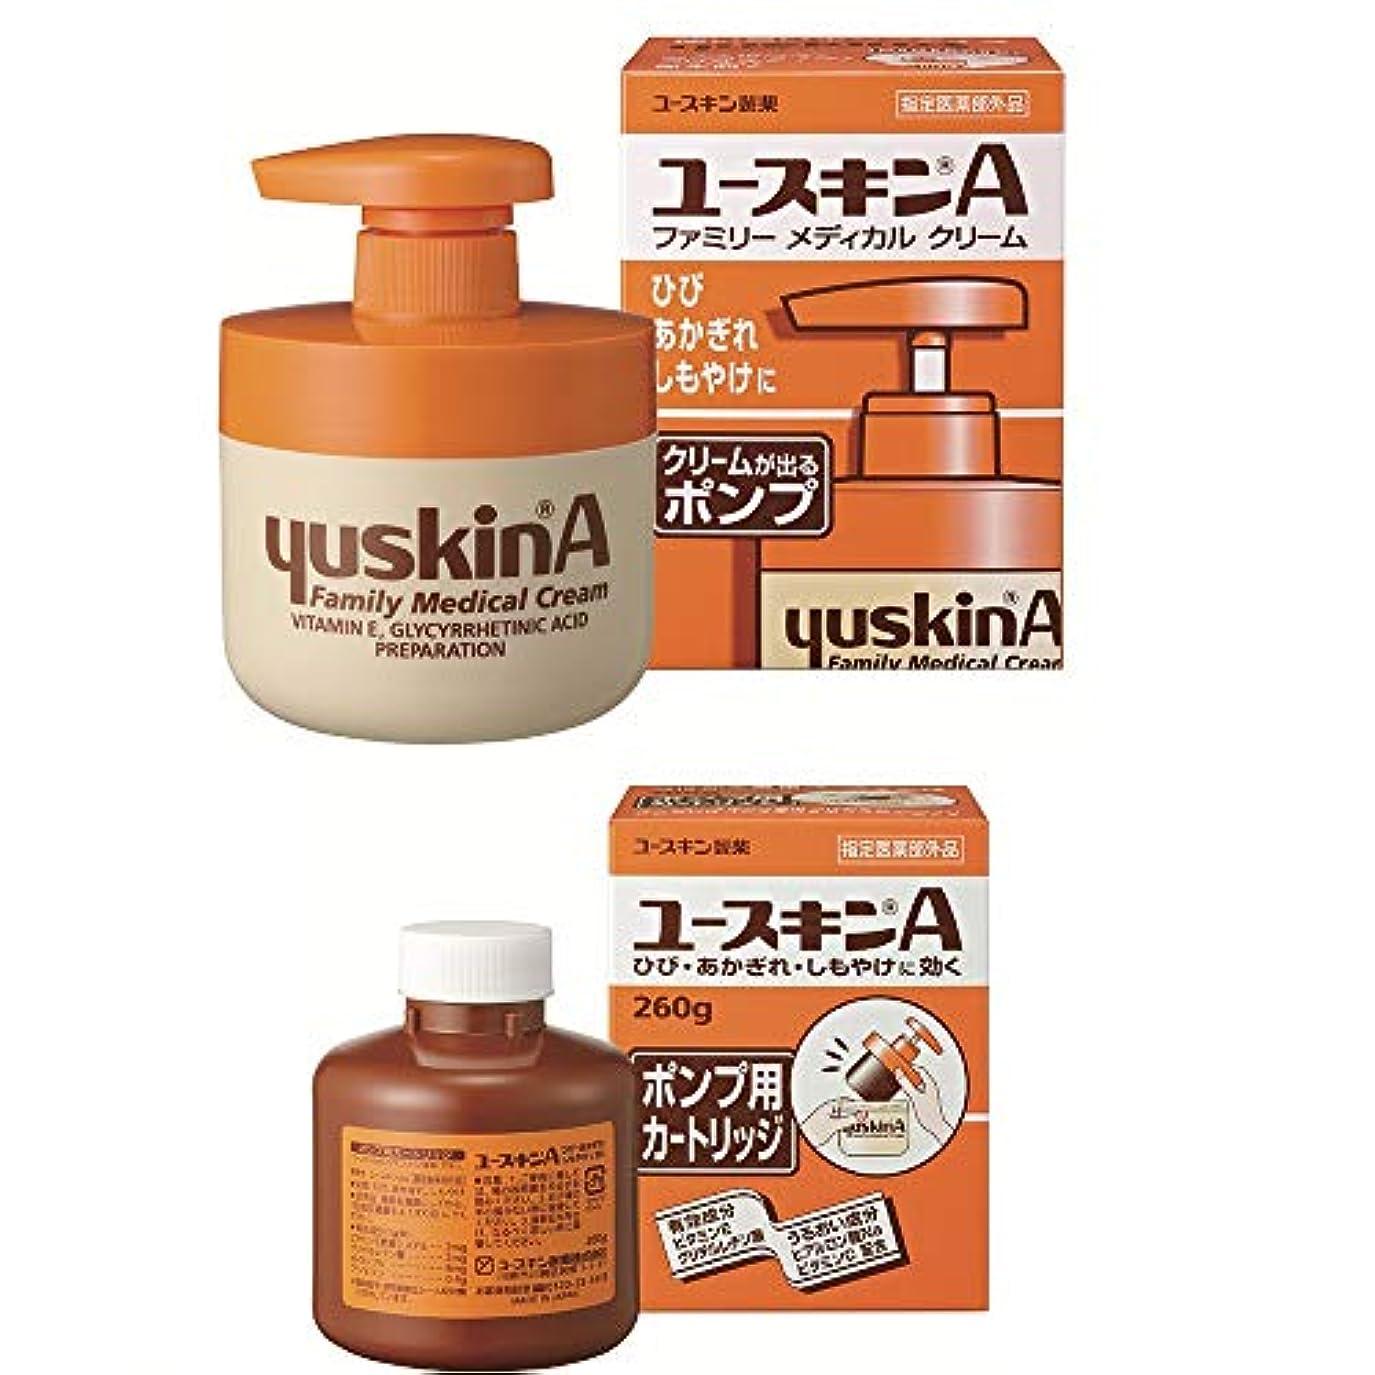 【セット品】ユースキンA ポンプ 260g+A ポンプ用カートリッジ